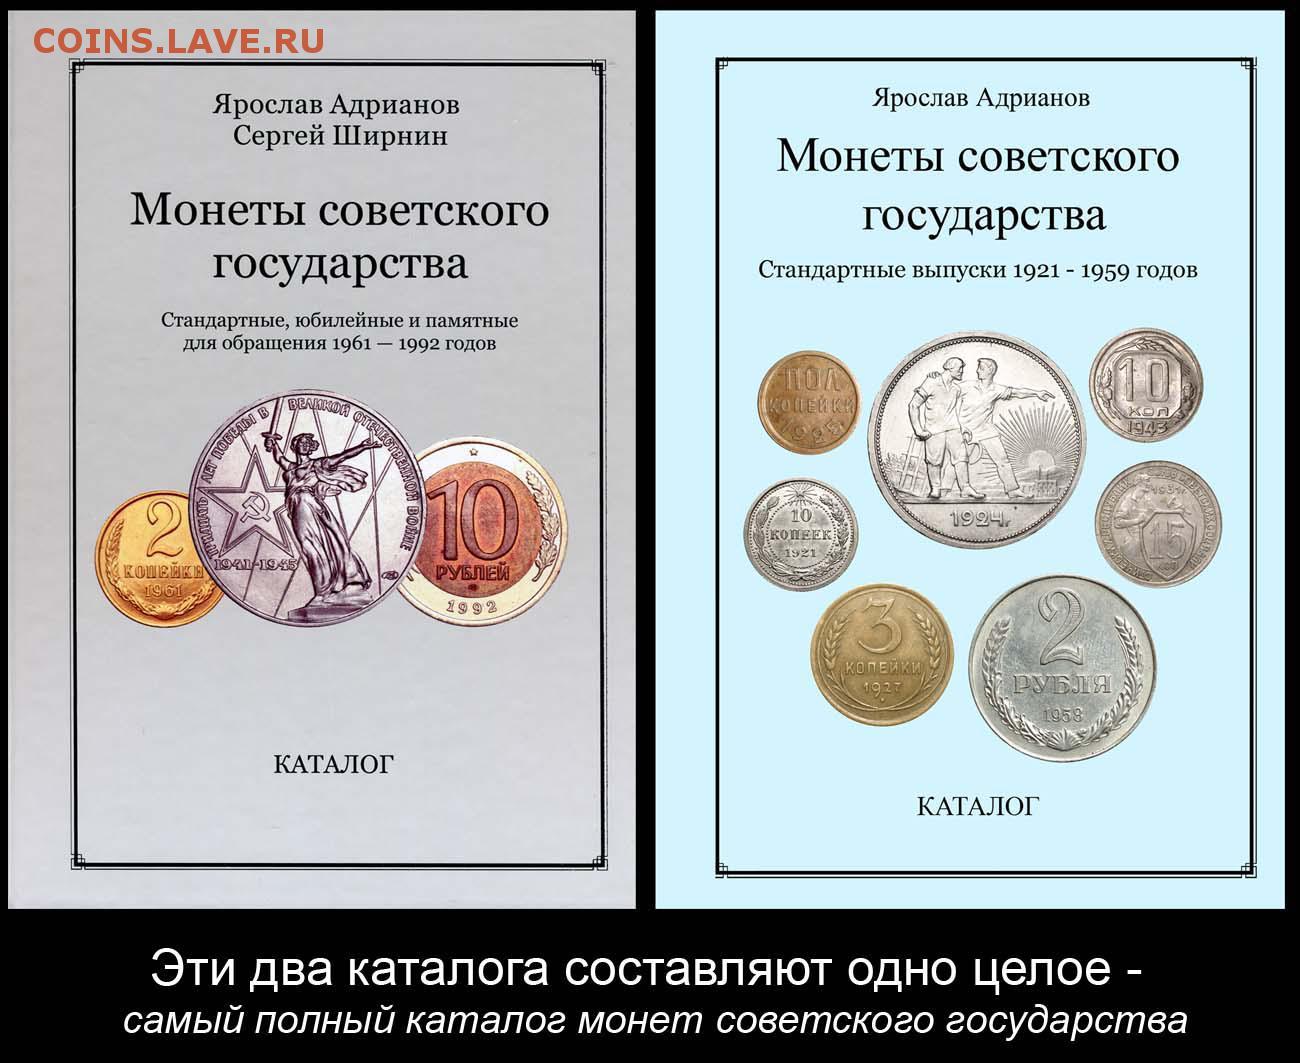 Суперновейший каталог советских монет 1921 - 1959 годов - мо.